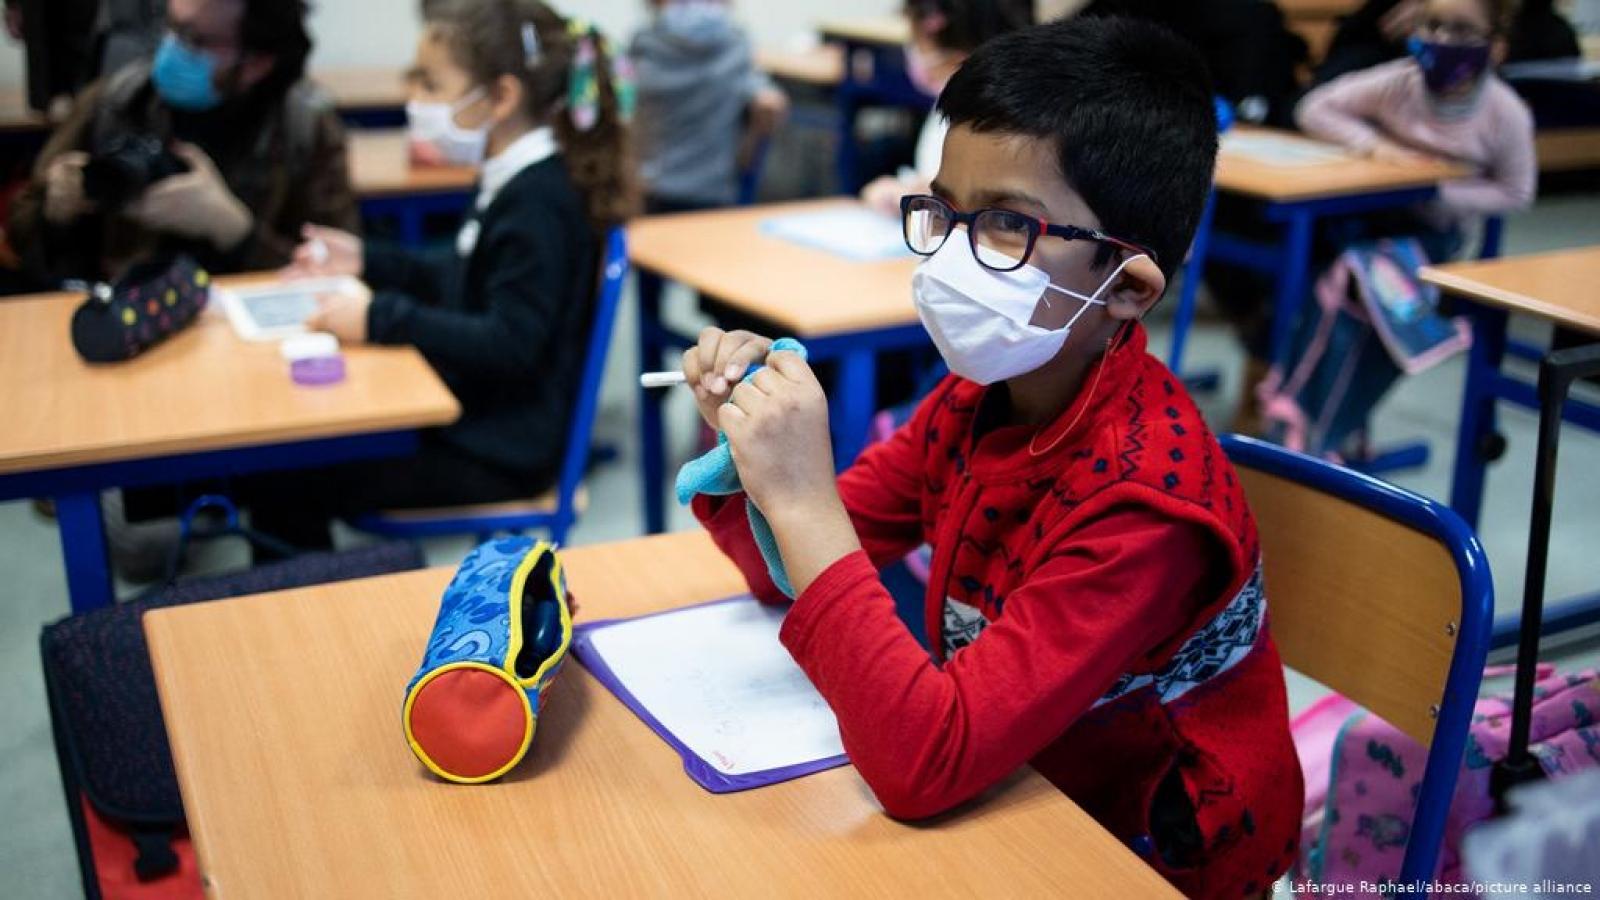 Dịch COVID-19 phức tạp, Pháp vẫn cho học sinh đi học trở lại